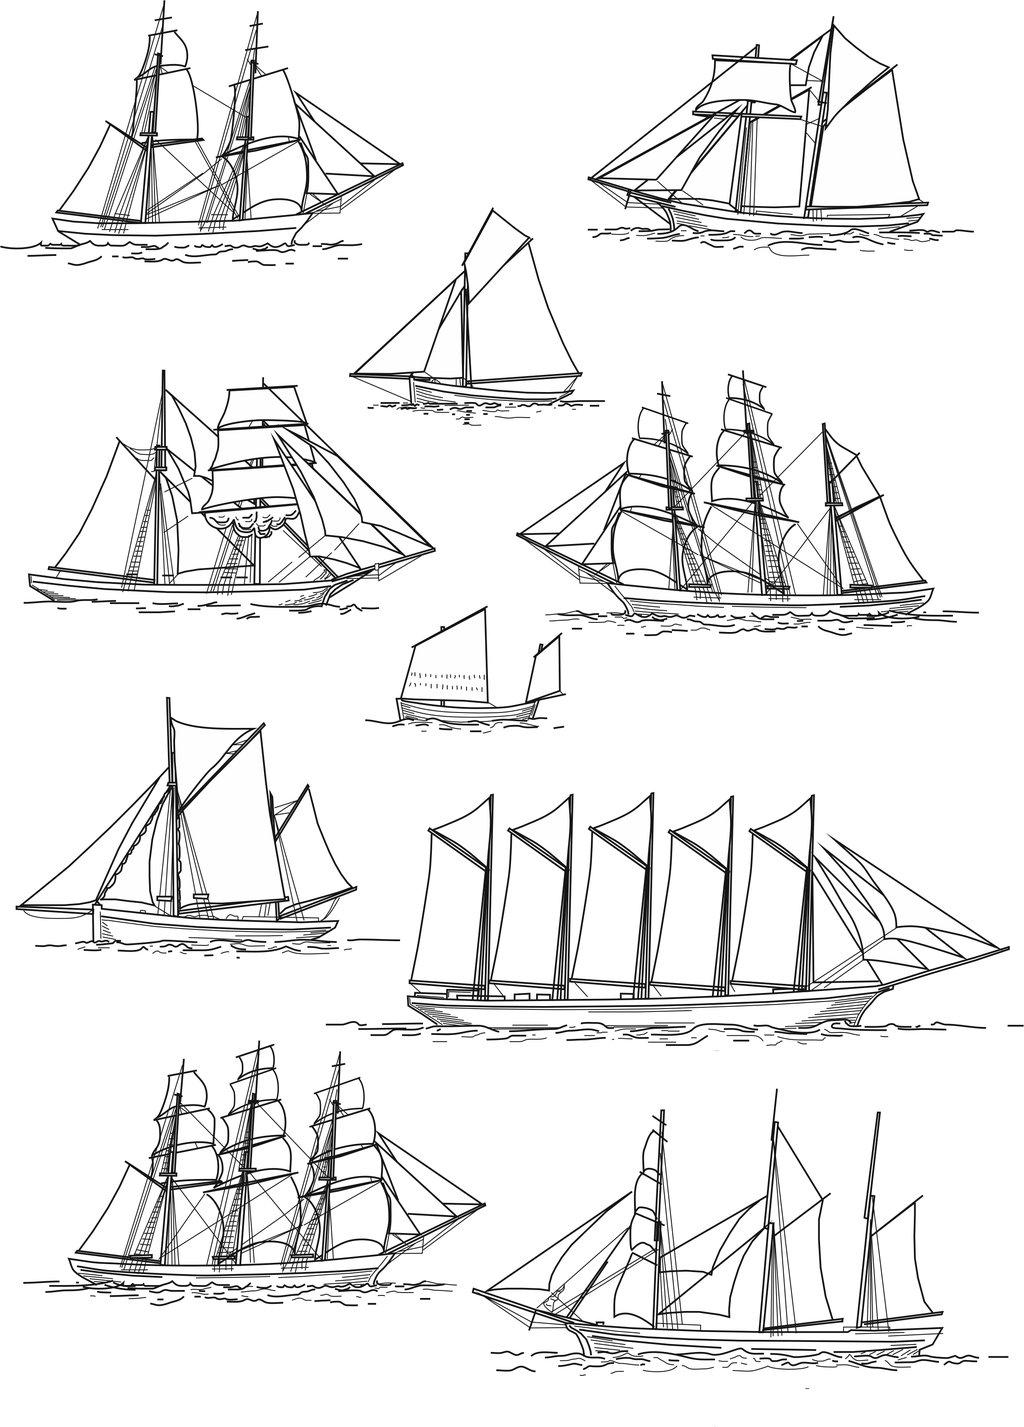 sailing ship rig types